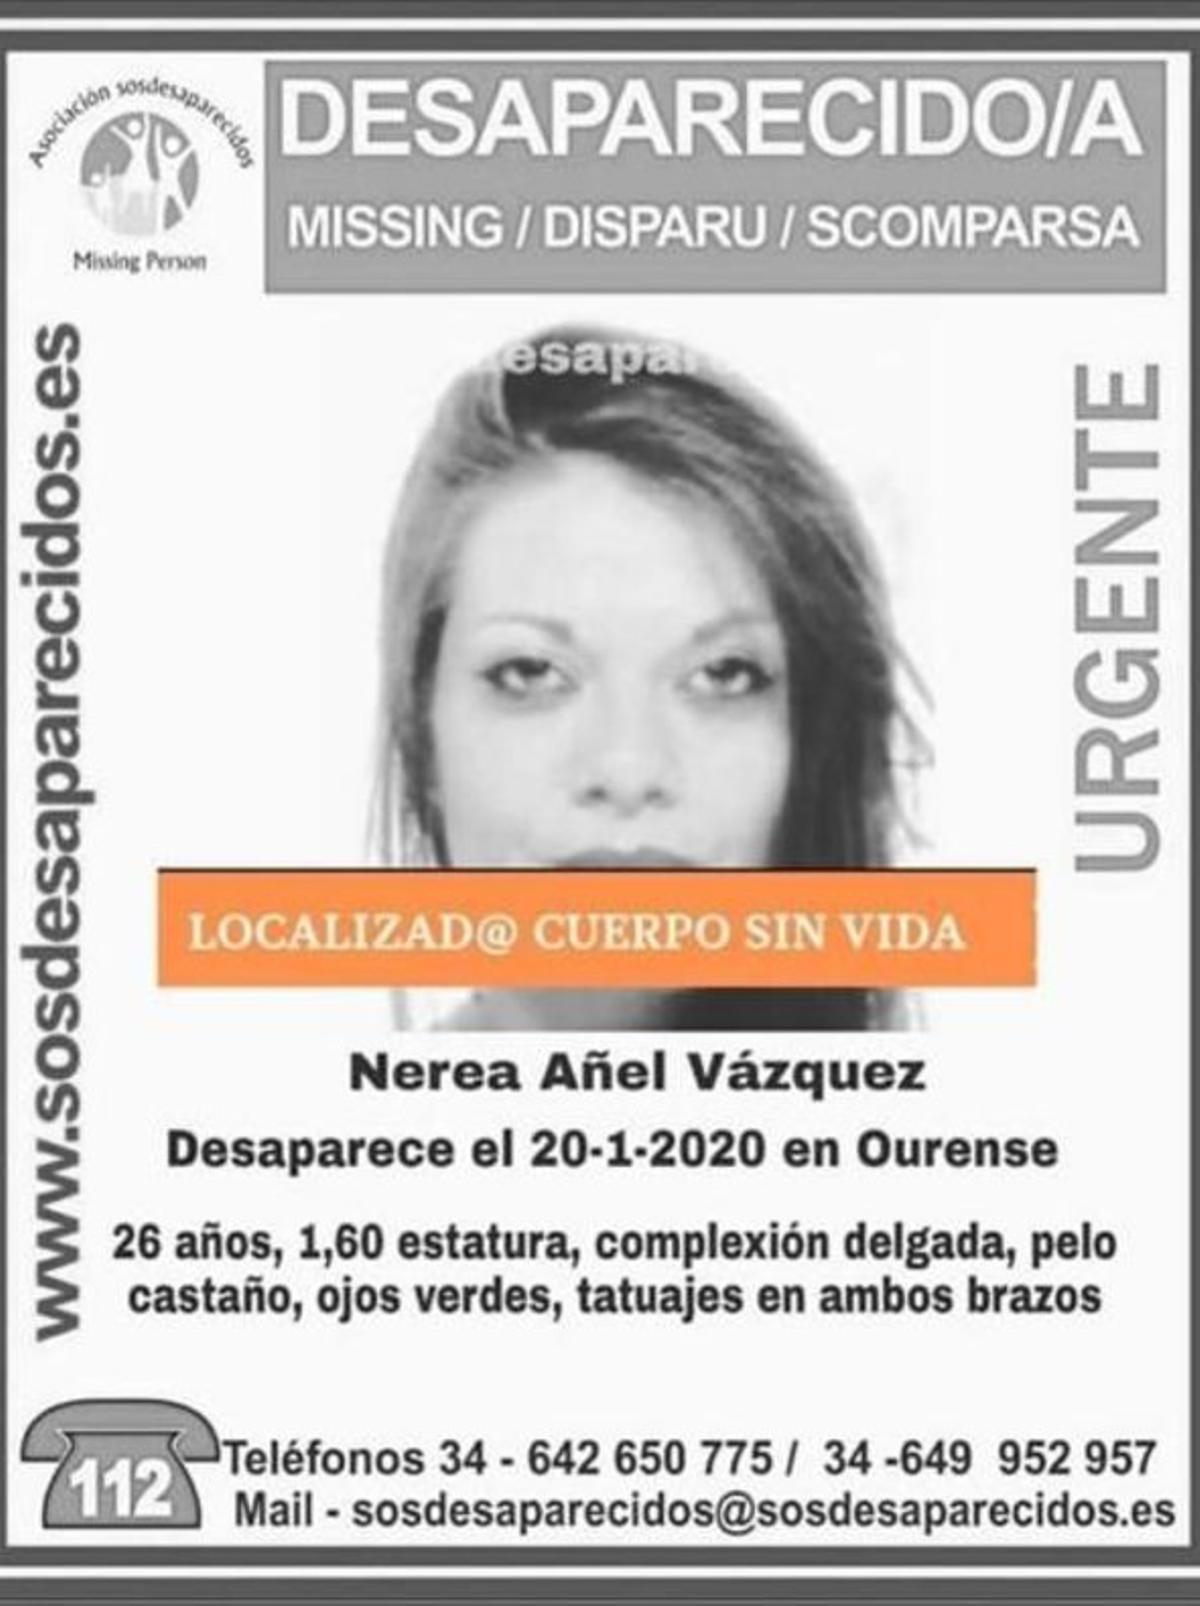 Alerta de Nerea Añel emitida por Sos Desaparecidos.